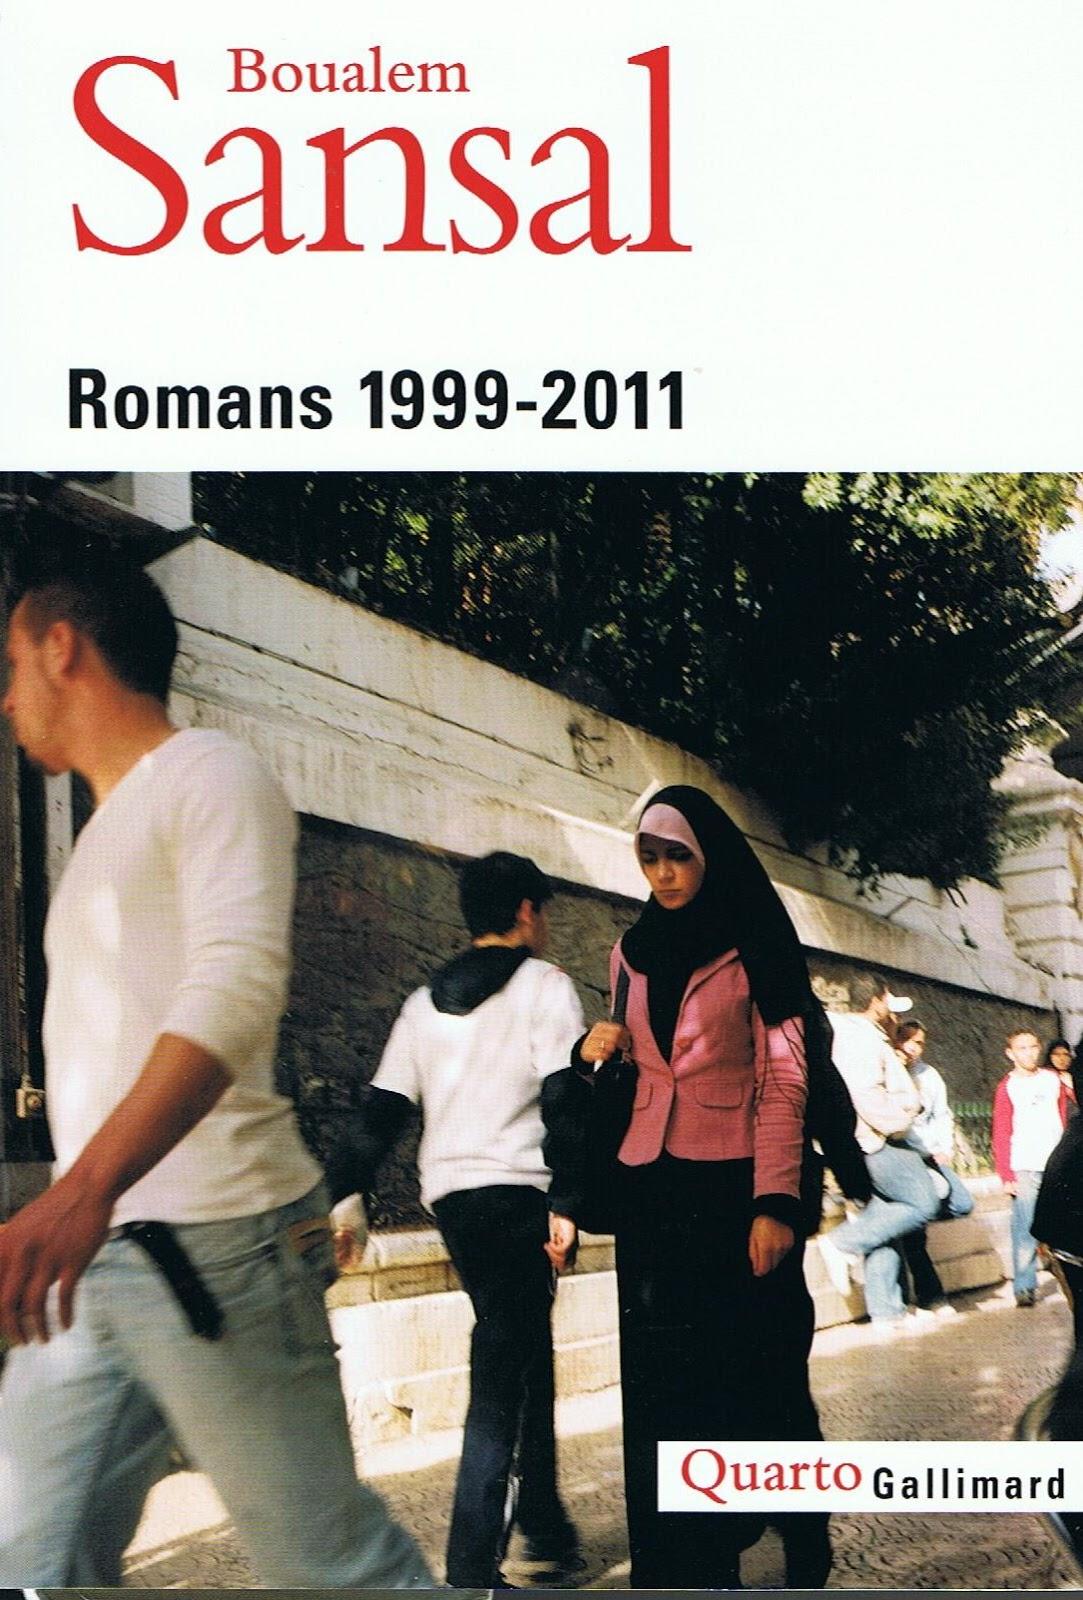 Boualem Sansal Le Serment Des Barbares : boualem, sansal, serment, barbares, Shaw:, Boualem, Sansal:, Serment, Barbares, (1999)